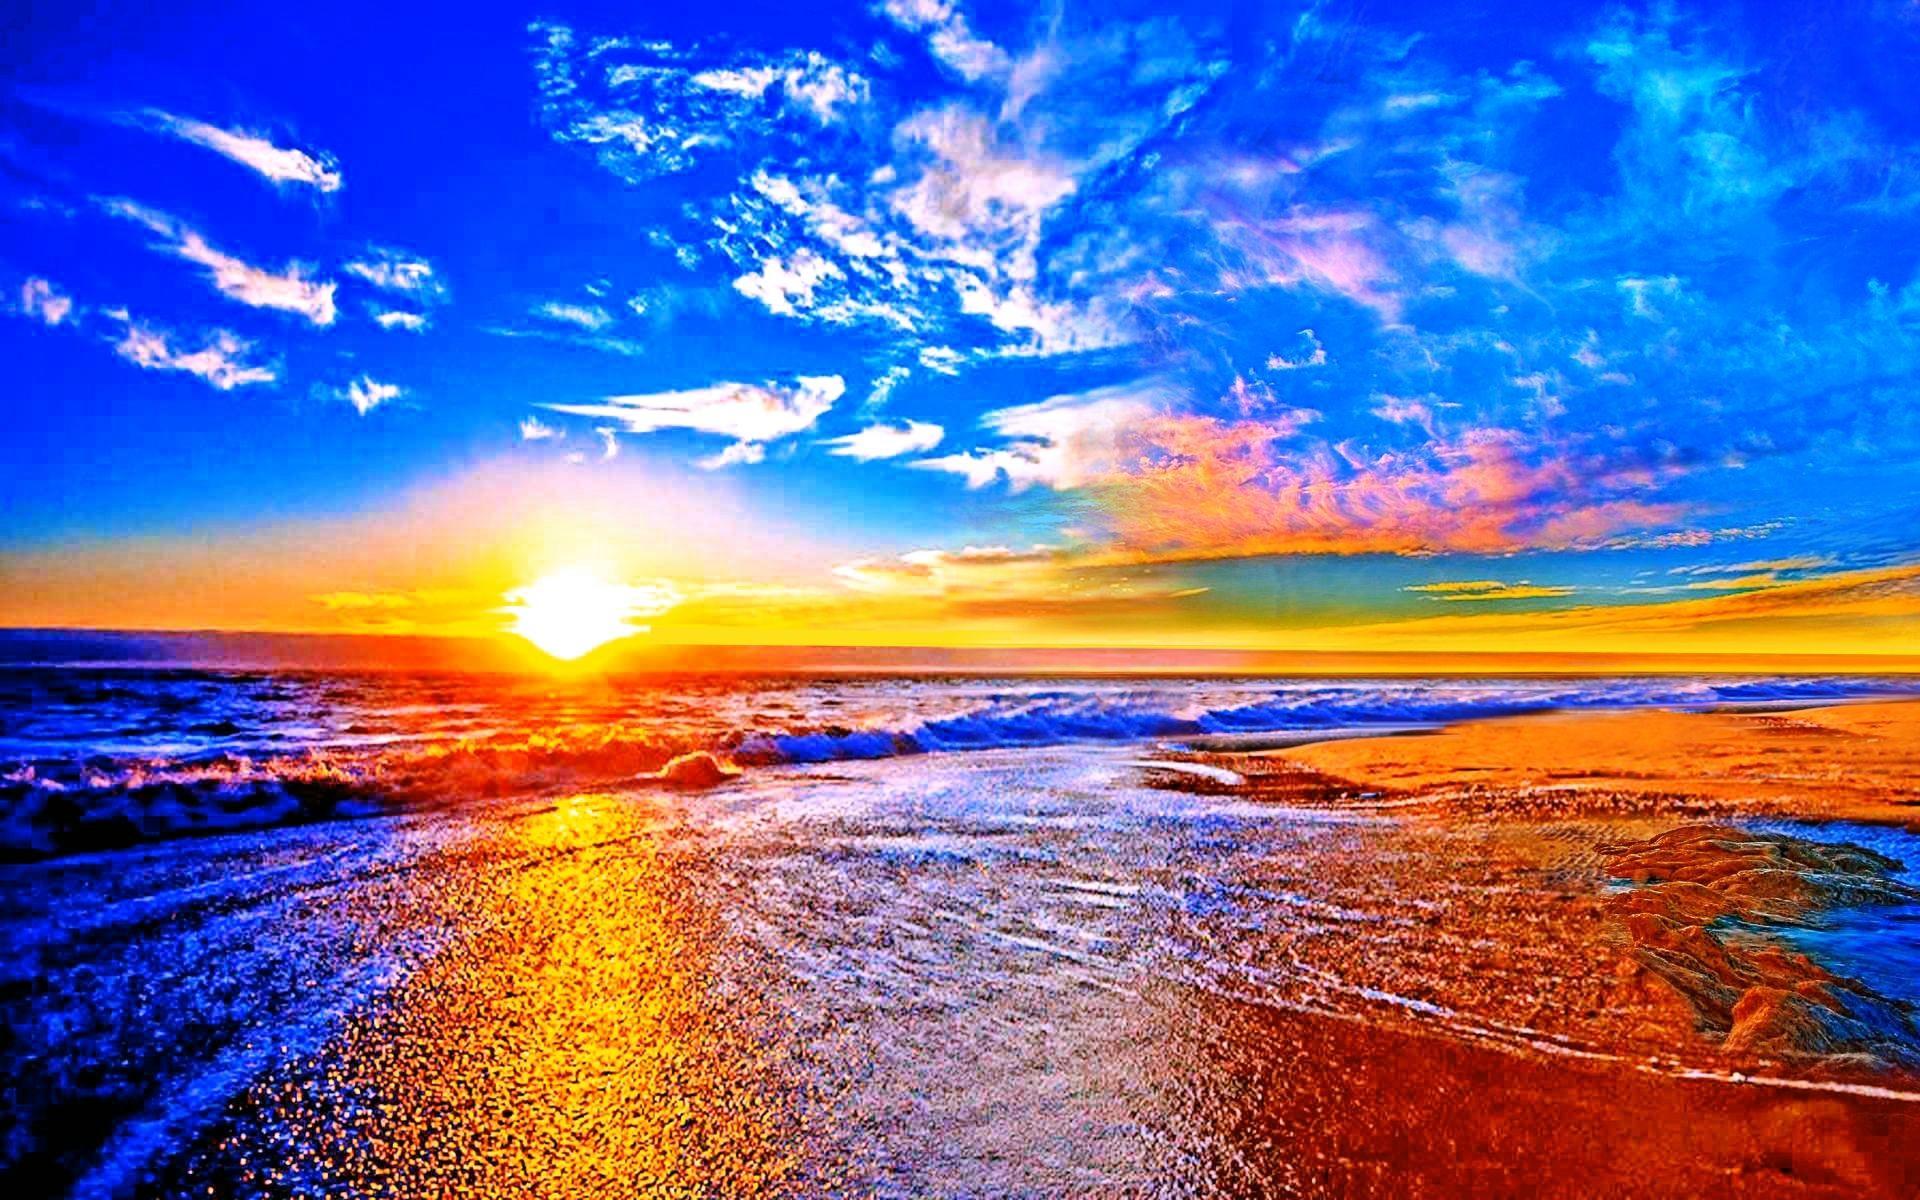 Terre Nature Coucher De Soleil Scenique Plage Sunny Horizon Summer Fond D Ecran Papier Peint Coucher De Soleil Fond Ecran Nature Fond D Ecran Large